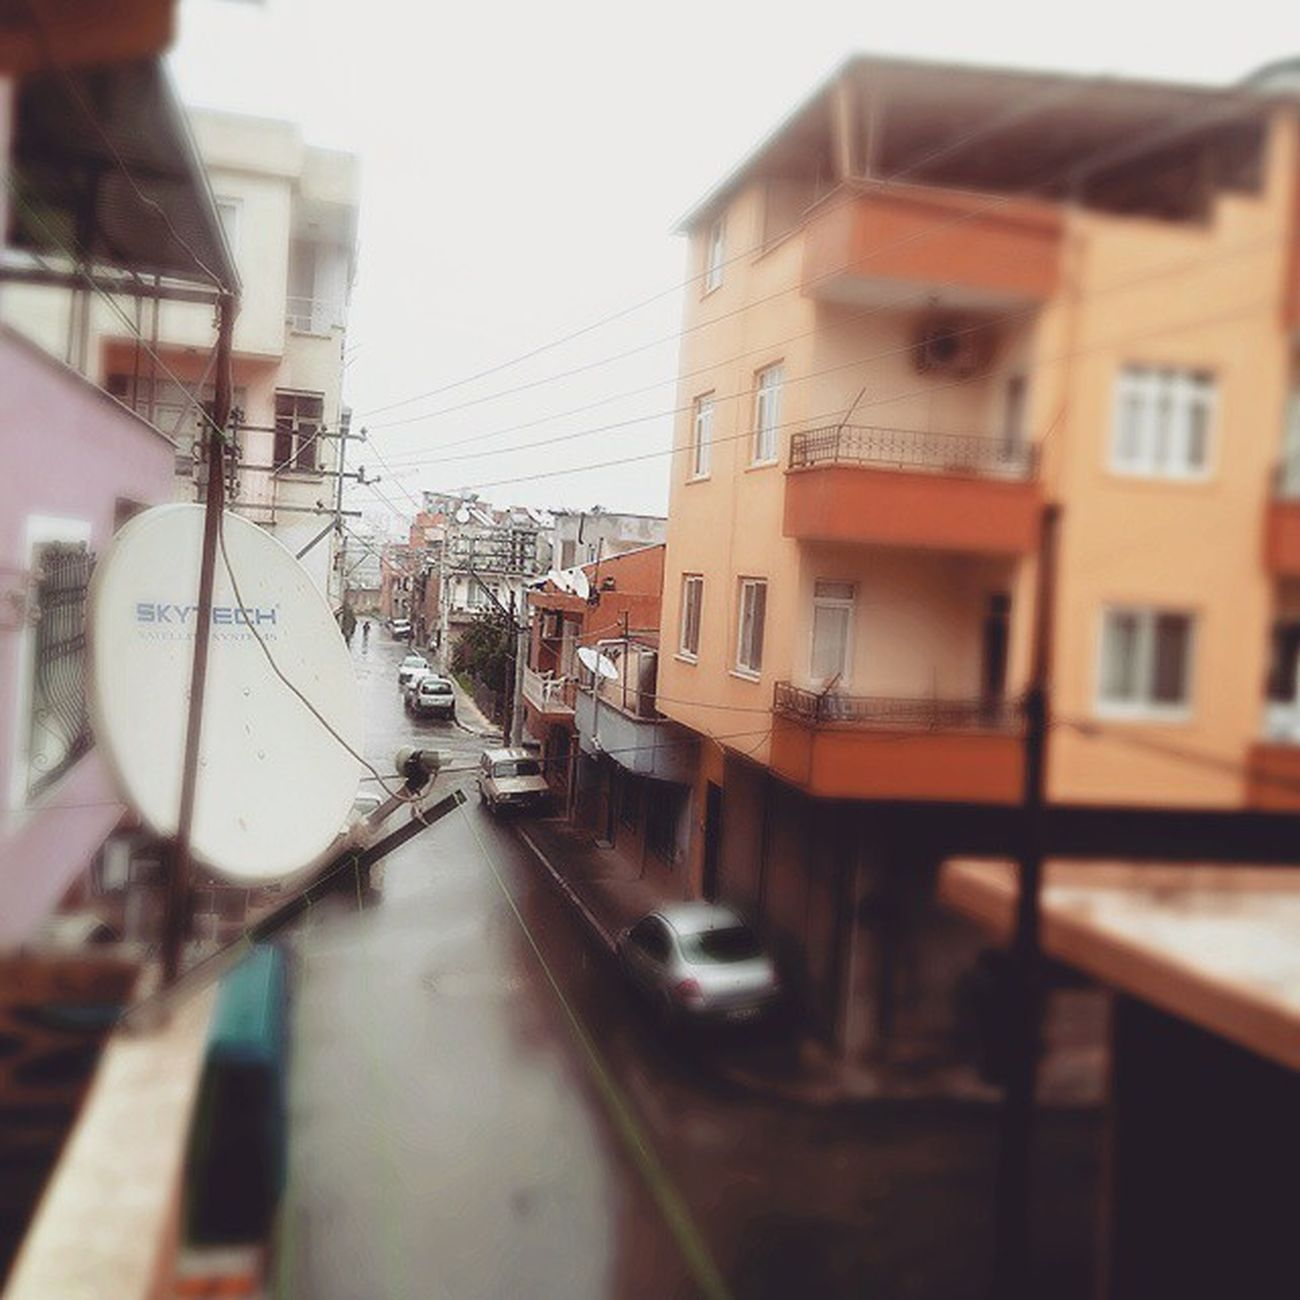 Mersin Sokak Street Home Yağmur Pus Gölgeler Sinema Doğa Gokyuzu Sıcaklık Tea çay Beautiful Yeppunne